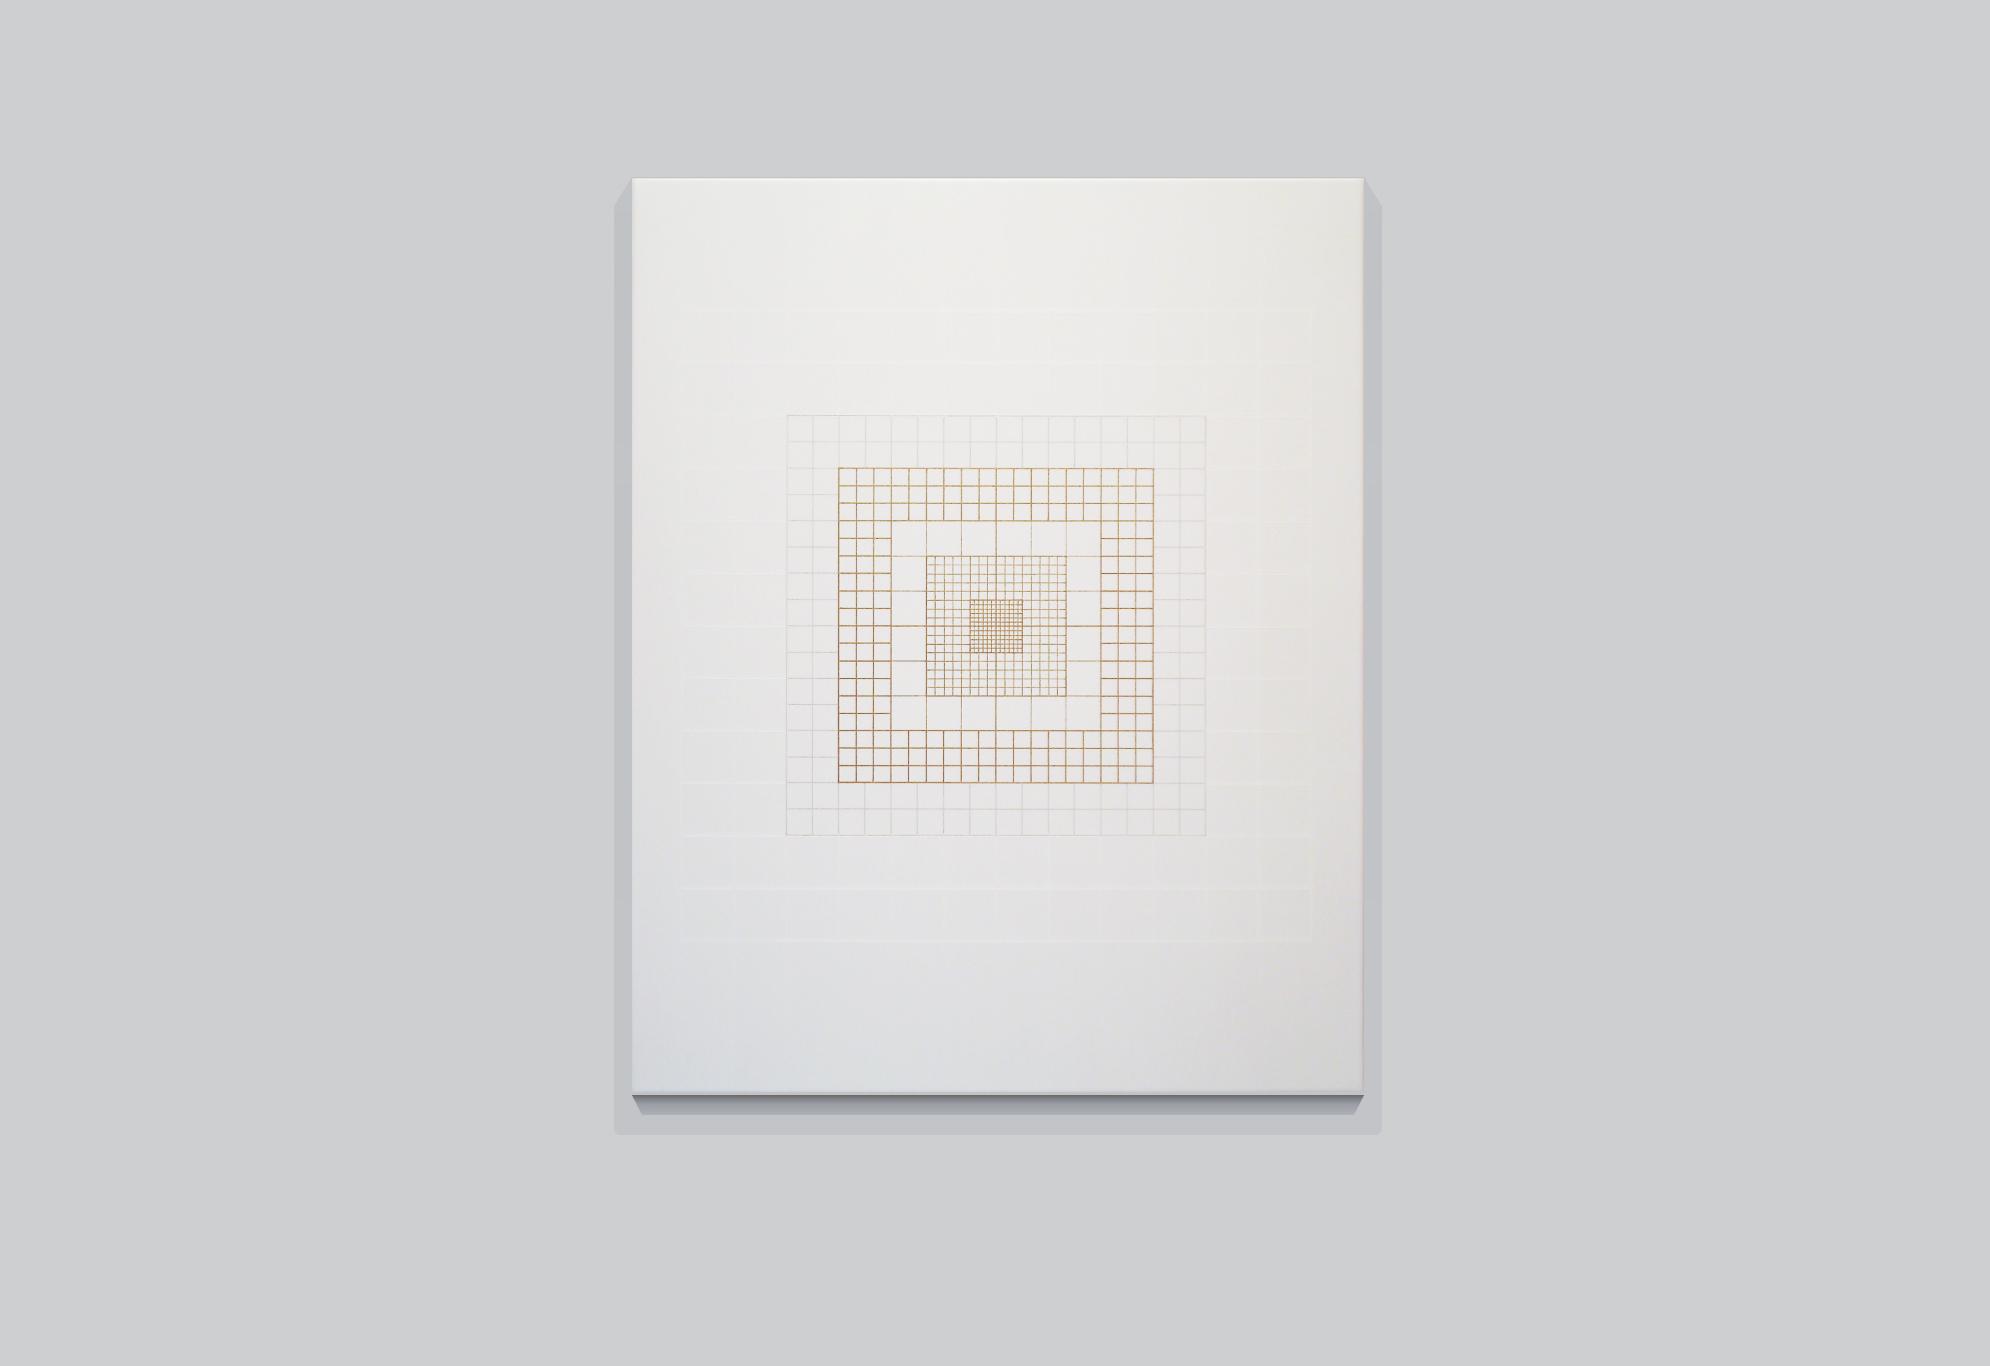 Yantra-origo-metrum-[20180512]_grey-wall_crop.jpg